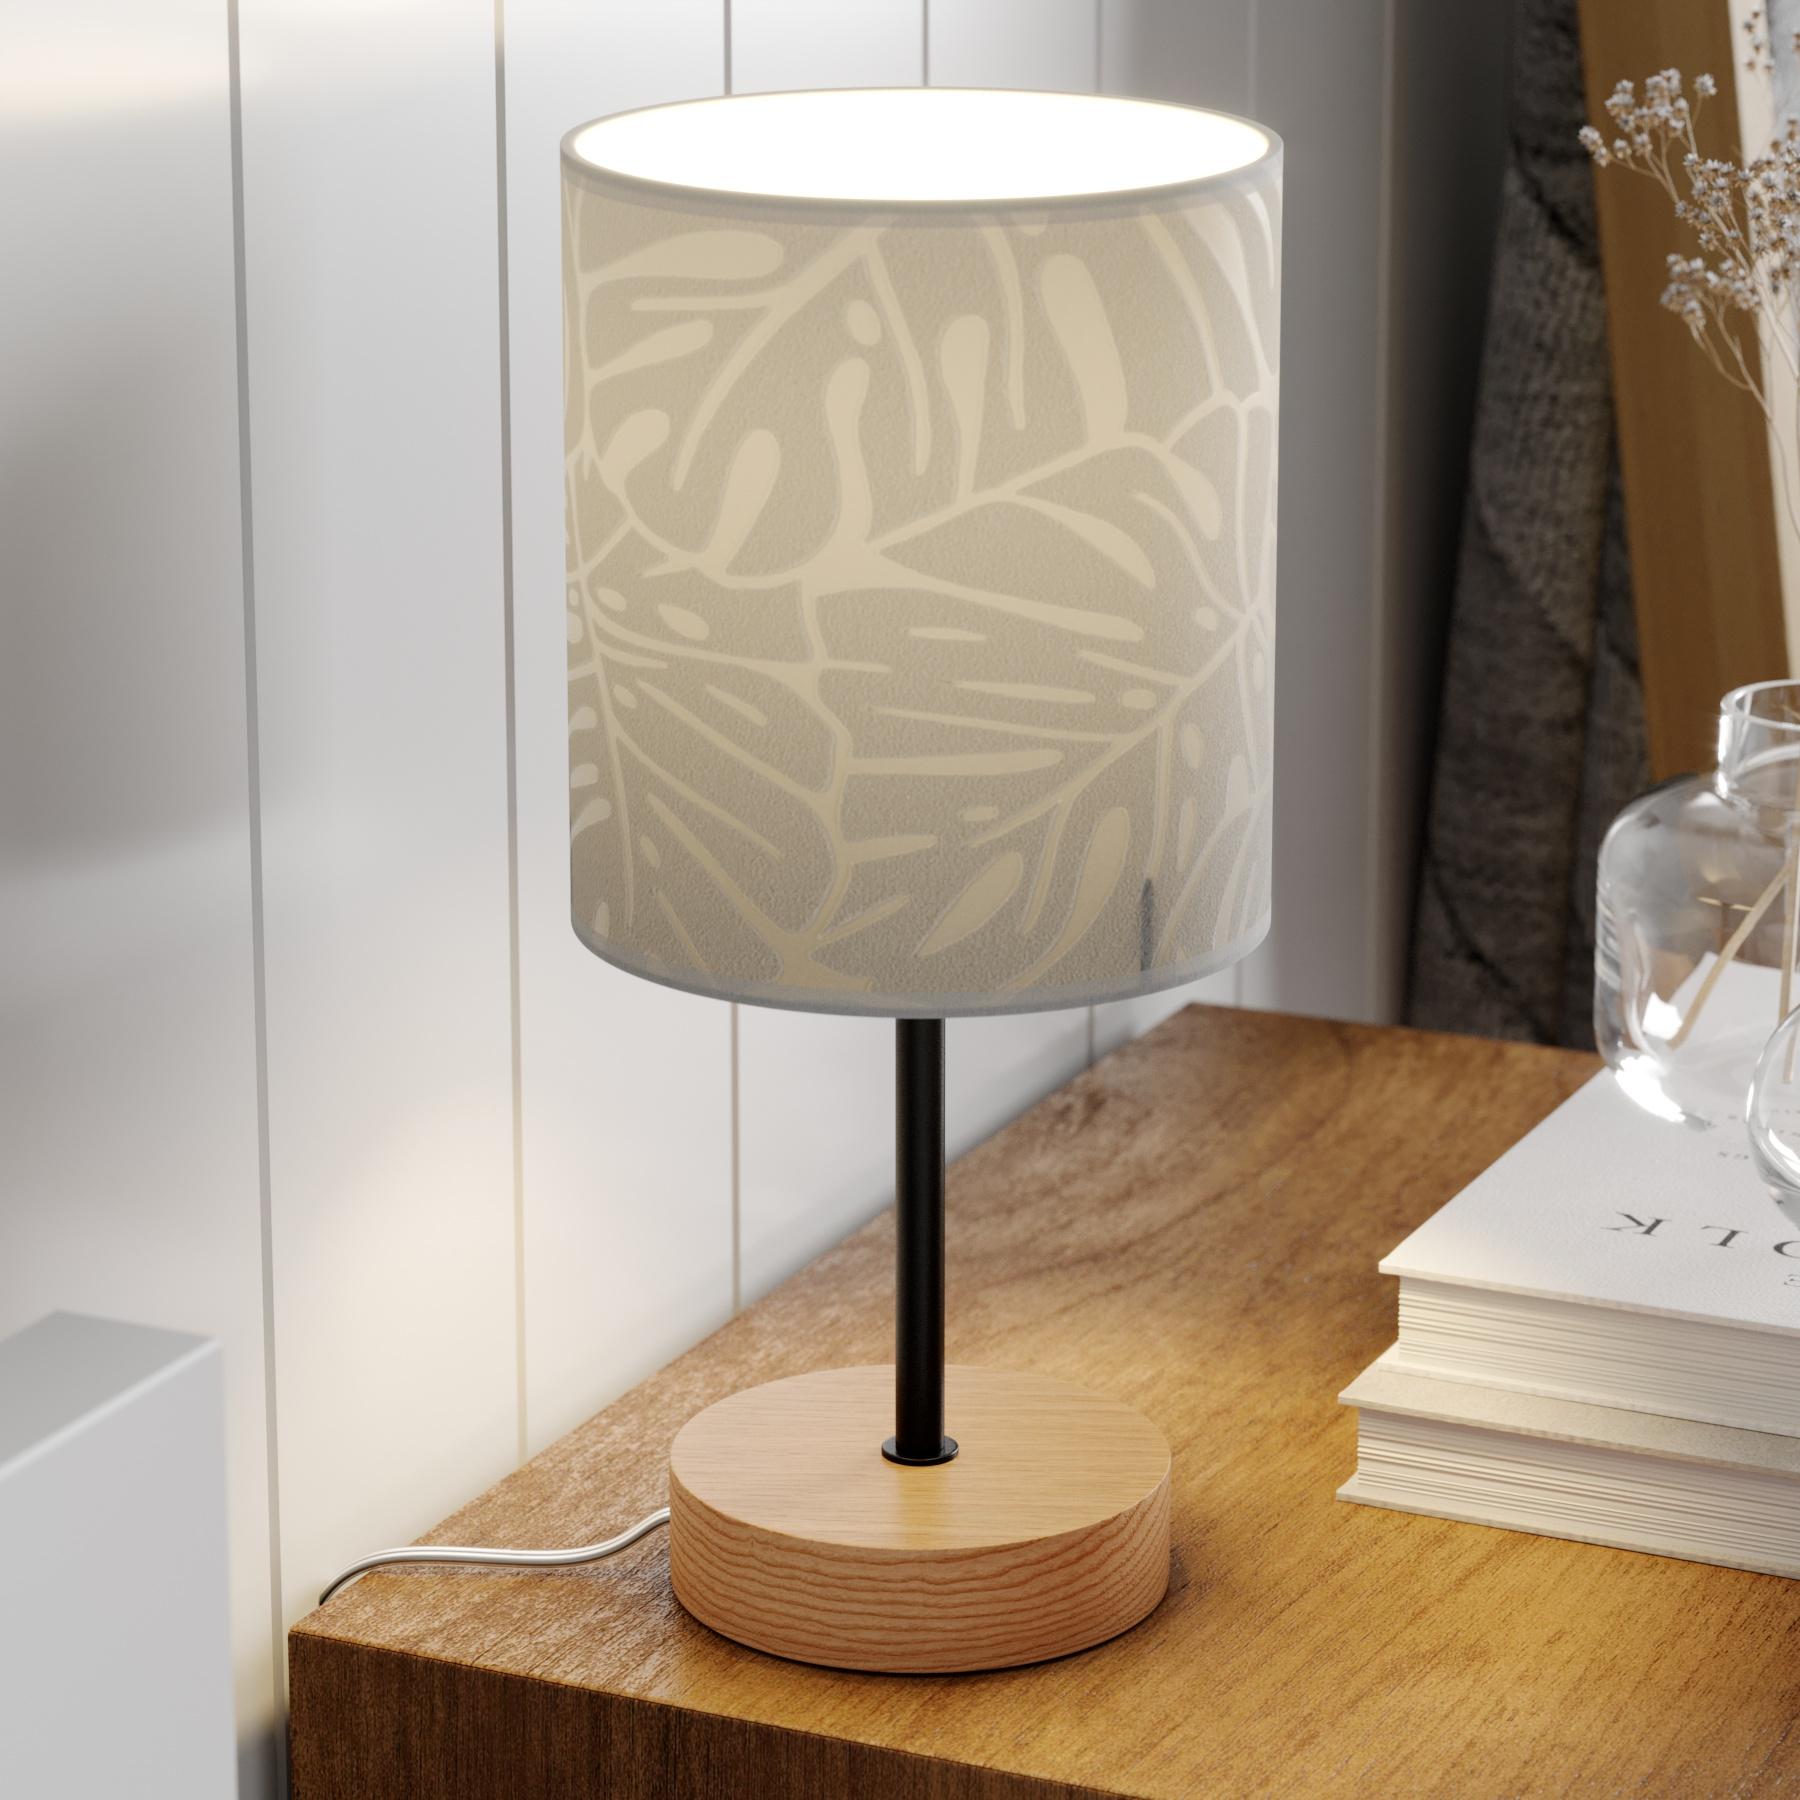 Tafellamp Hierro met bedrukte papieren kap